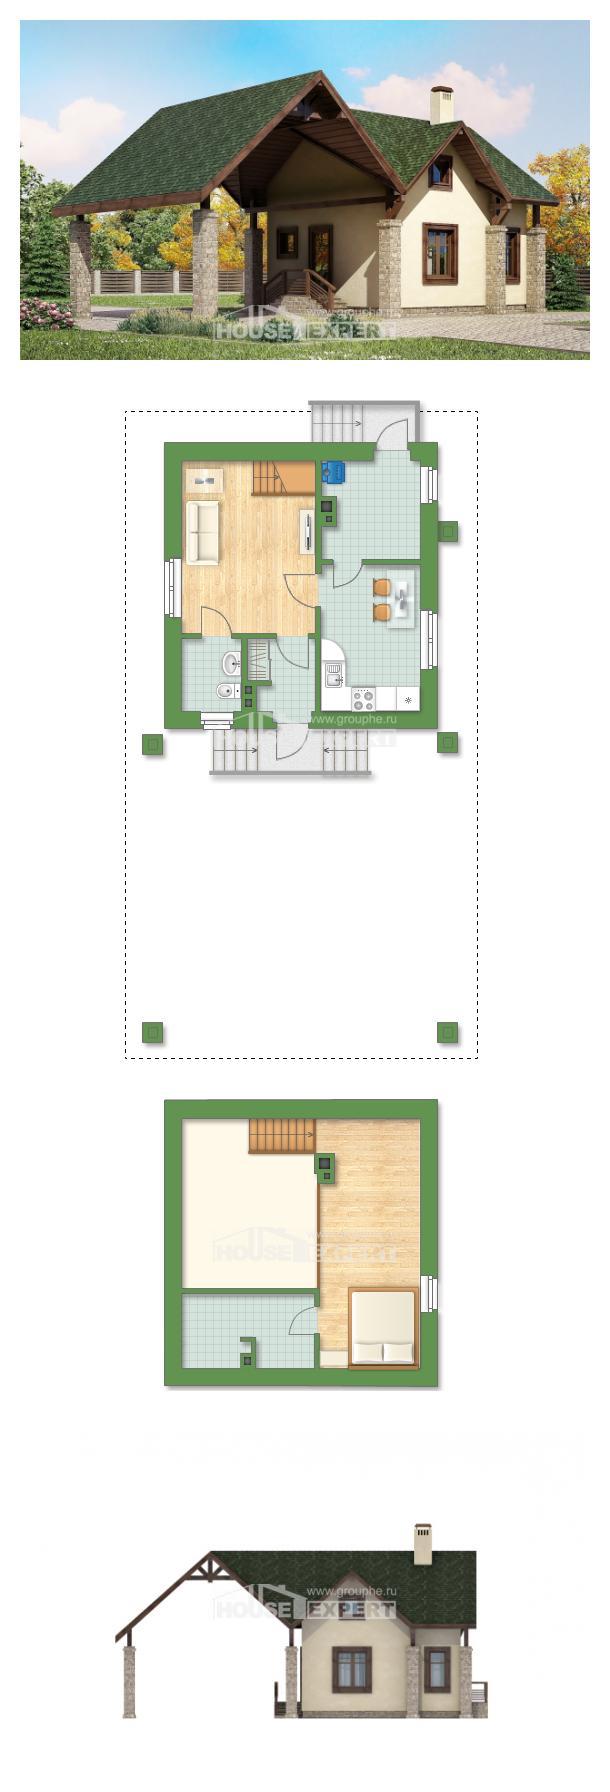 Plan 060-001-L | House Expert